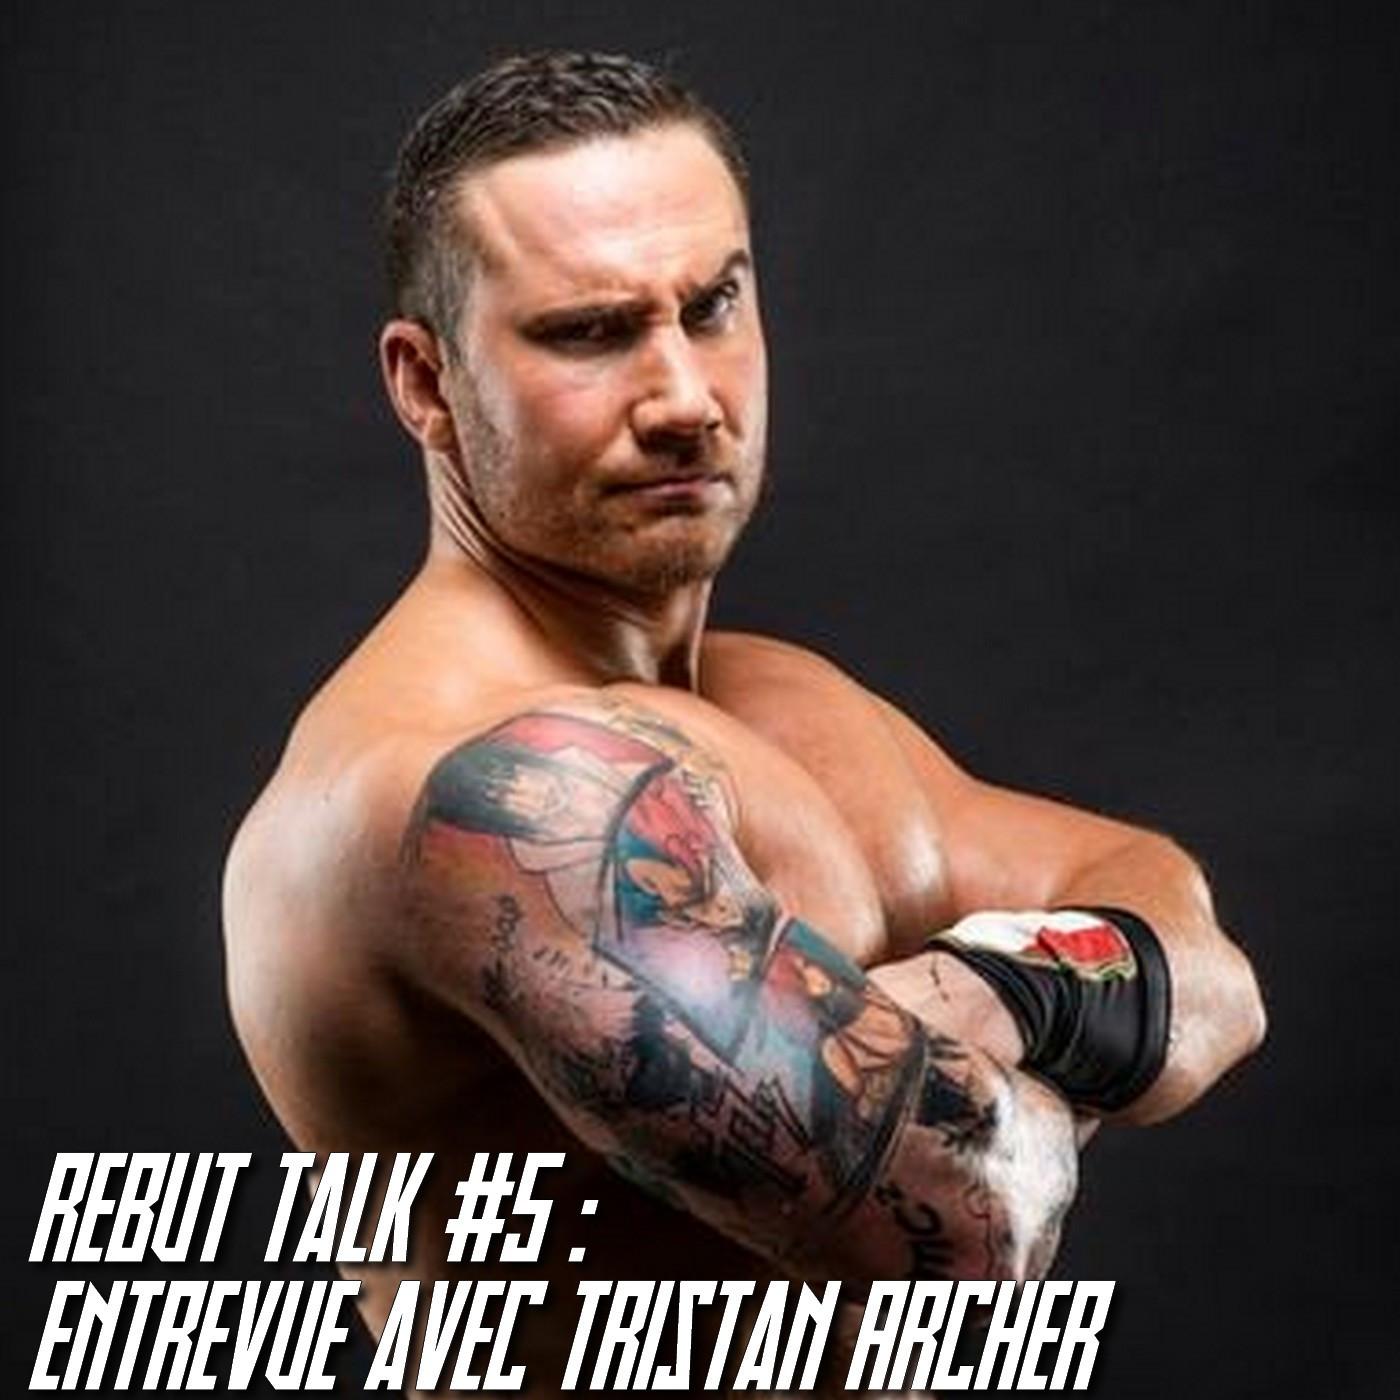 Rebut Talk #5 : Entrevue avec Tristan Archer (Réponse à Sturry, relation avec les fans ect ect..)